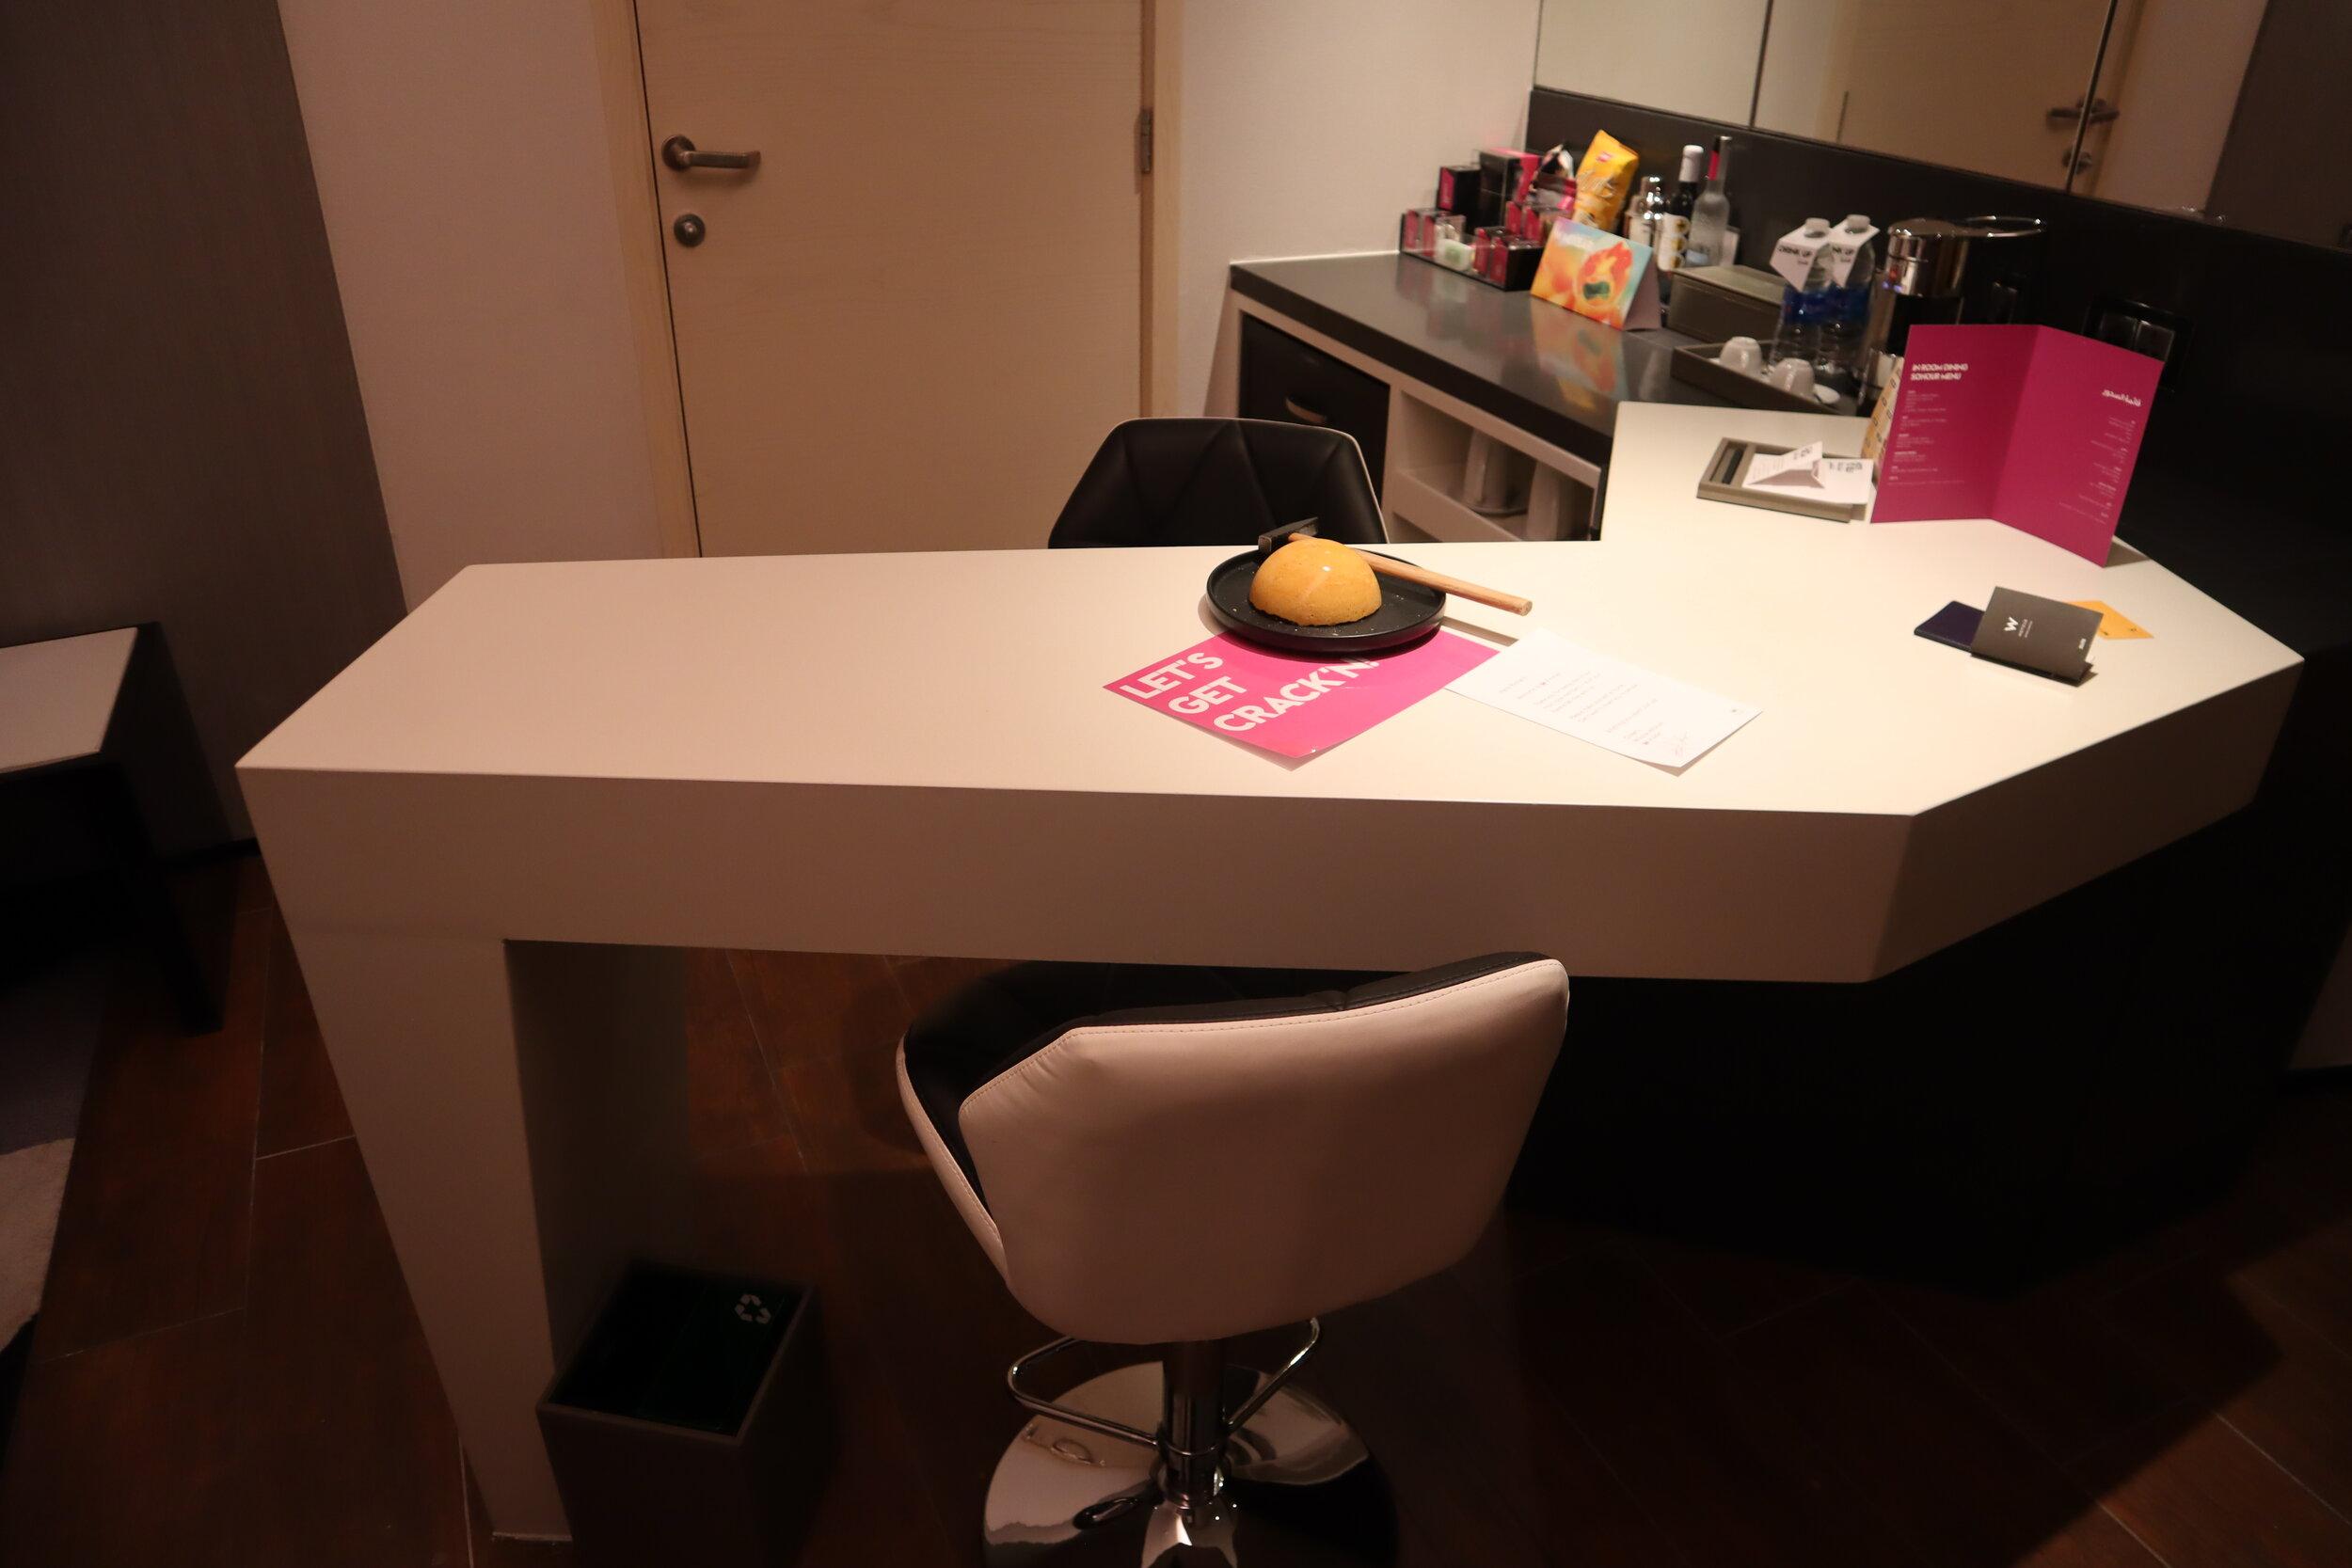 W Amman – Cool Corner Suite countertop